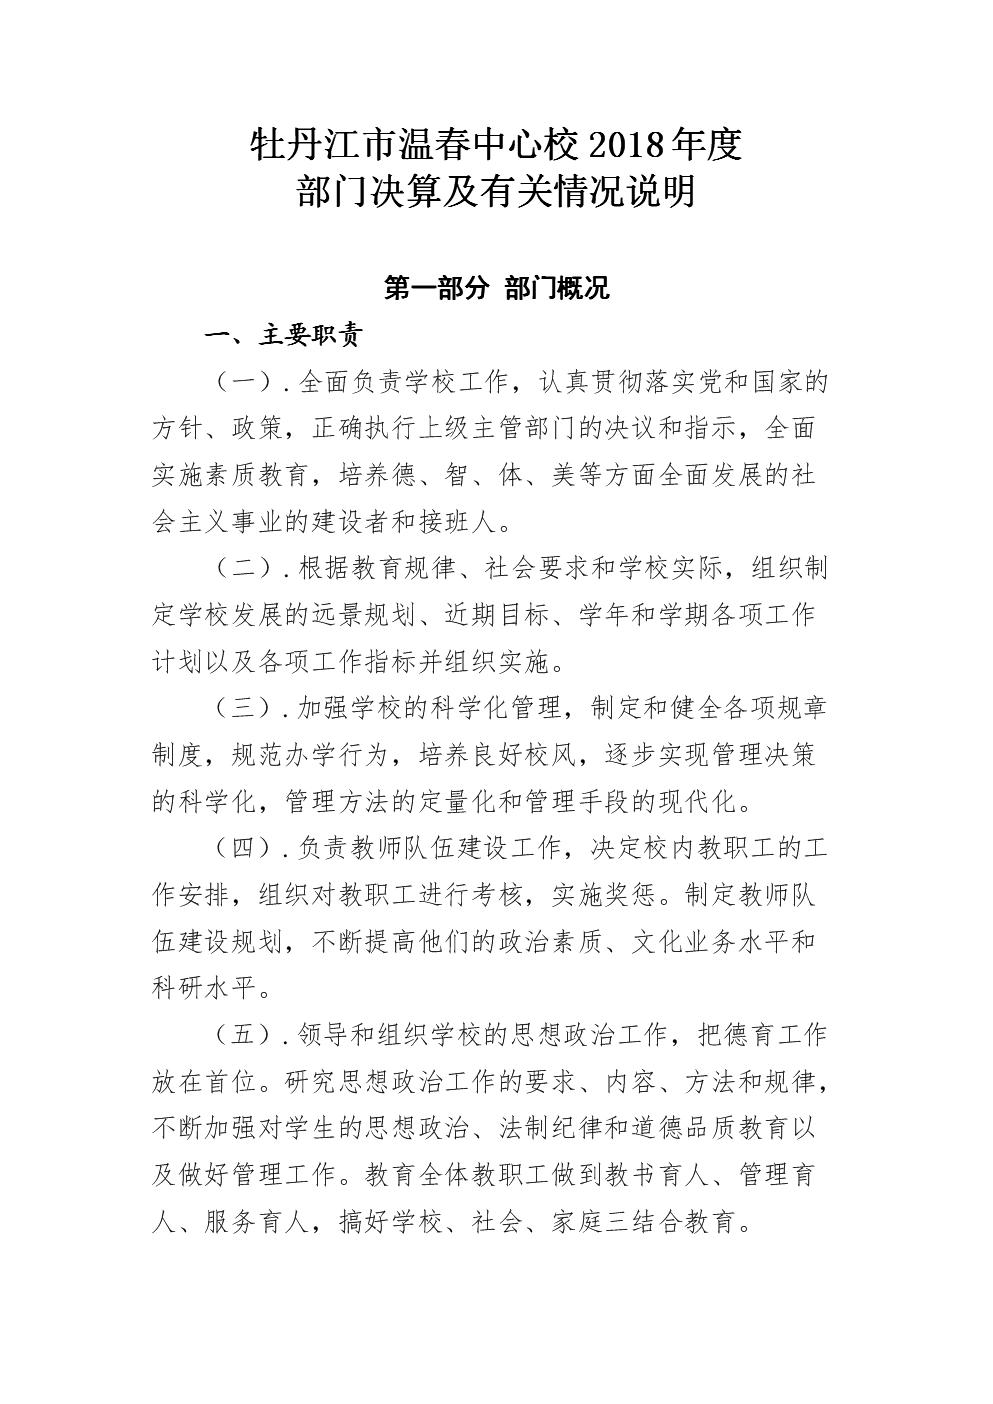 牡丹江市温春中心校2018年度 部门决算及有关情况说明.doc